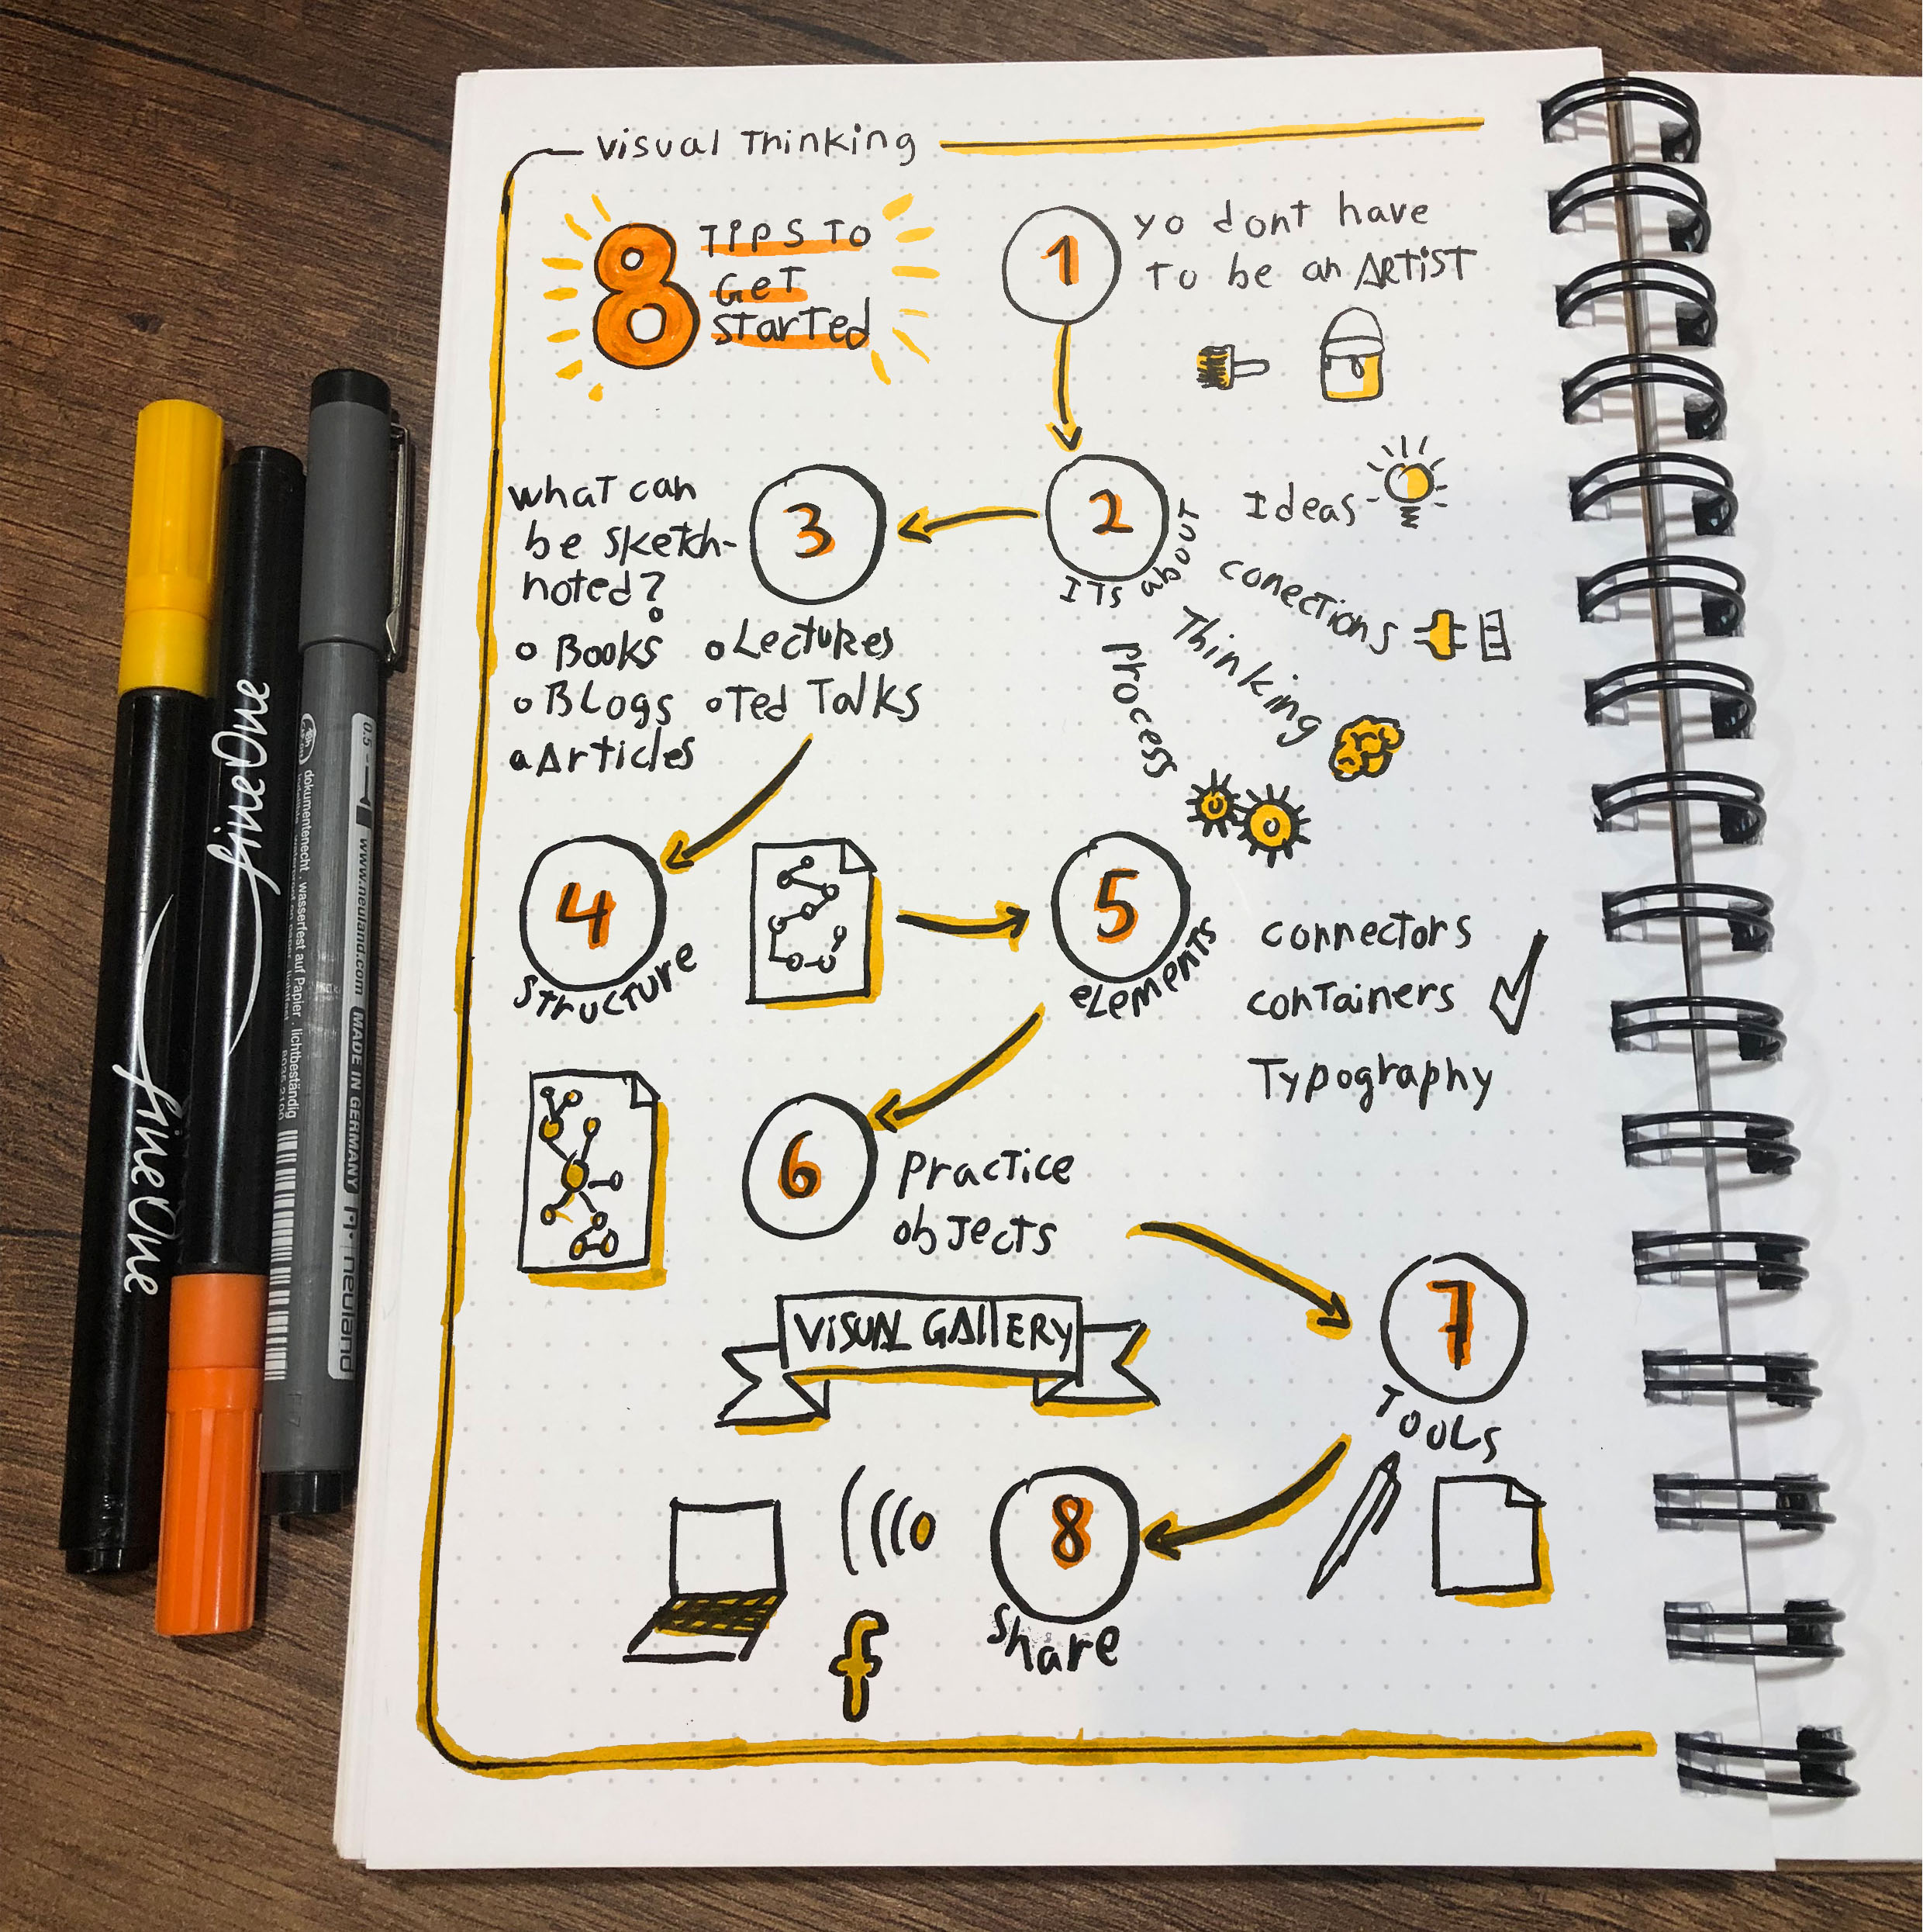 Sketchnoting workshop arte.jpg